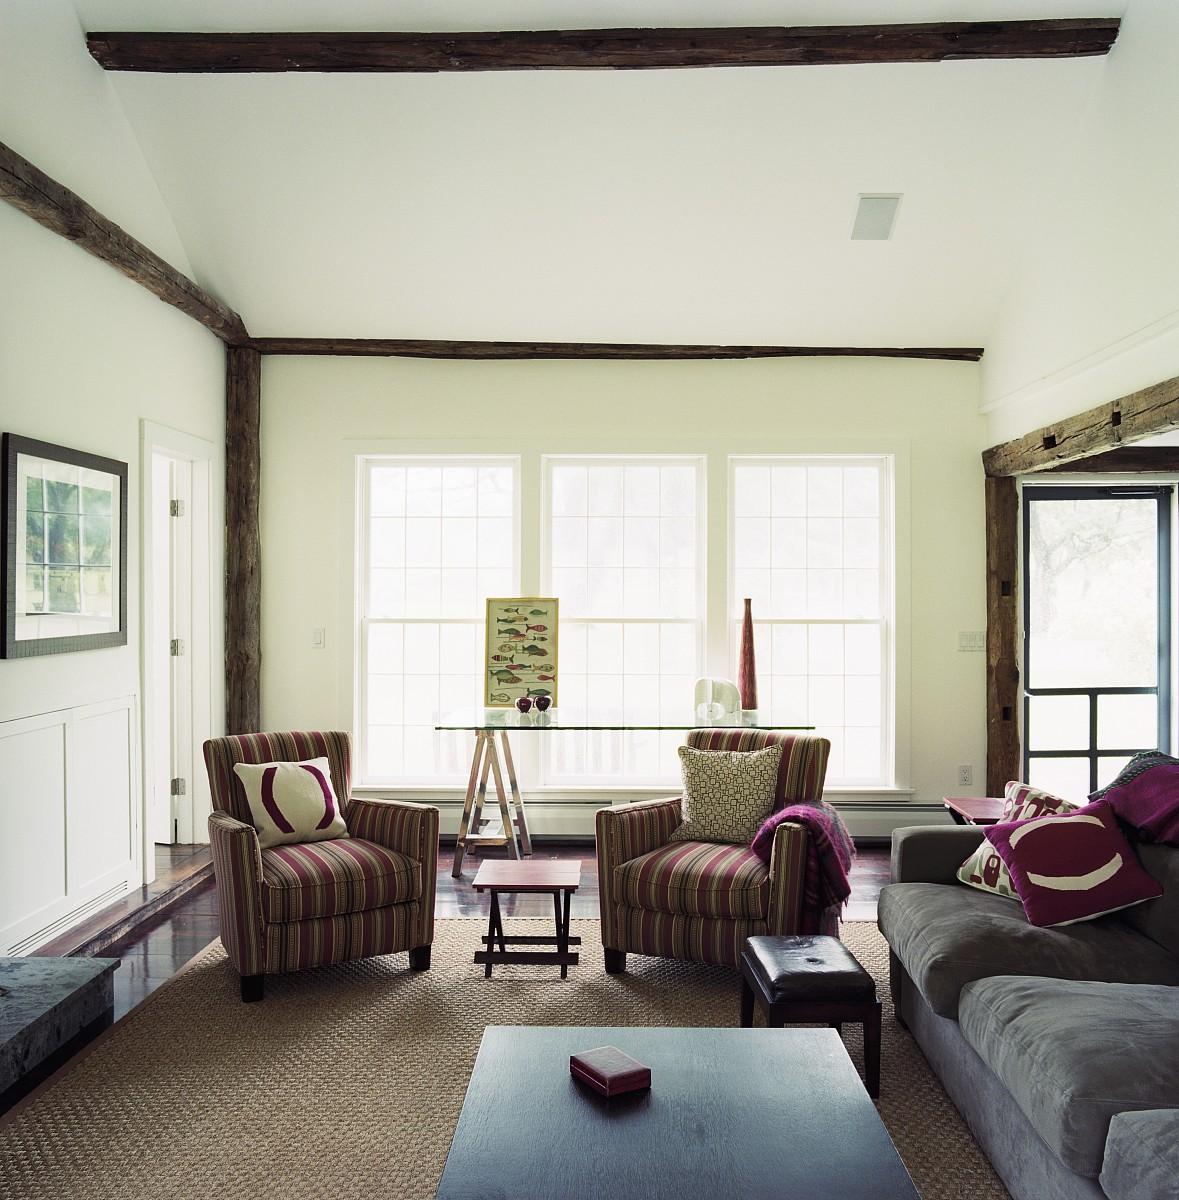 现代客厅装修的老砖木结构房屋与条纹国家的扶手椅图片